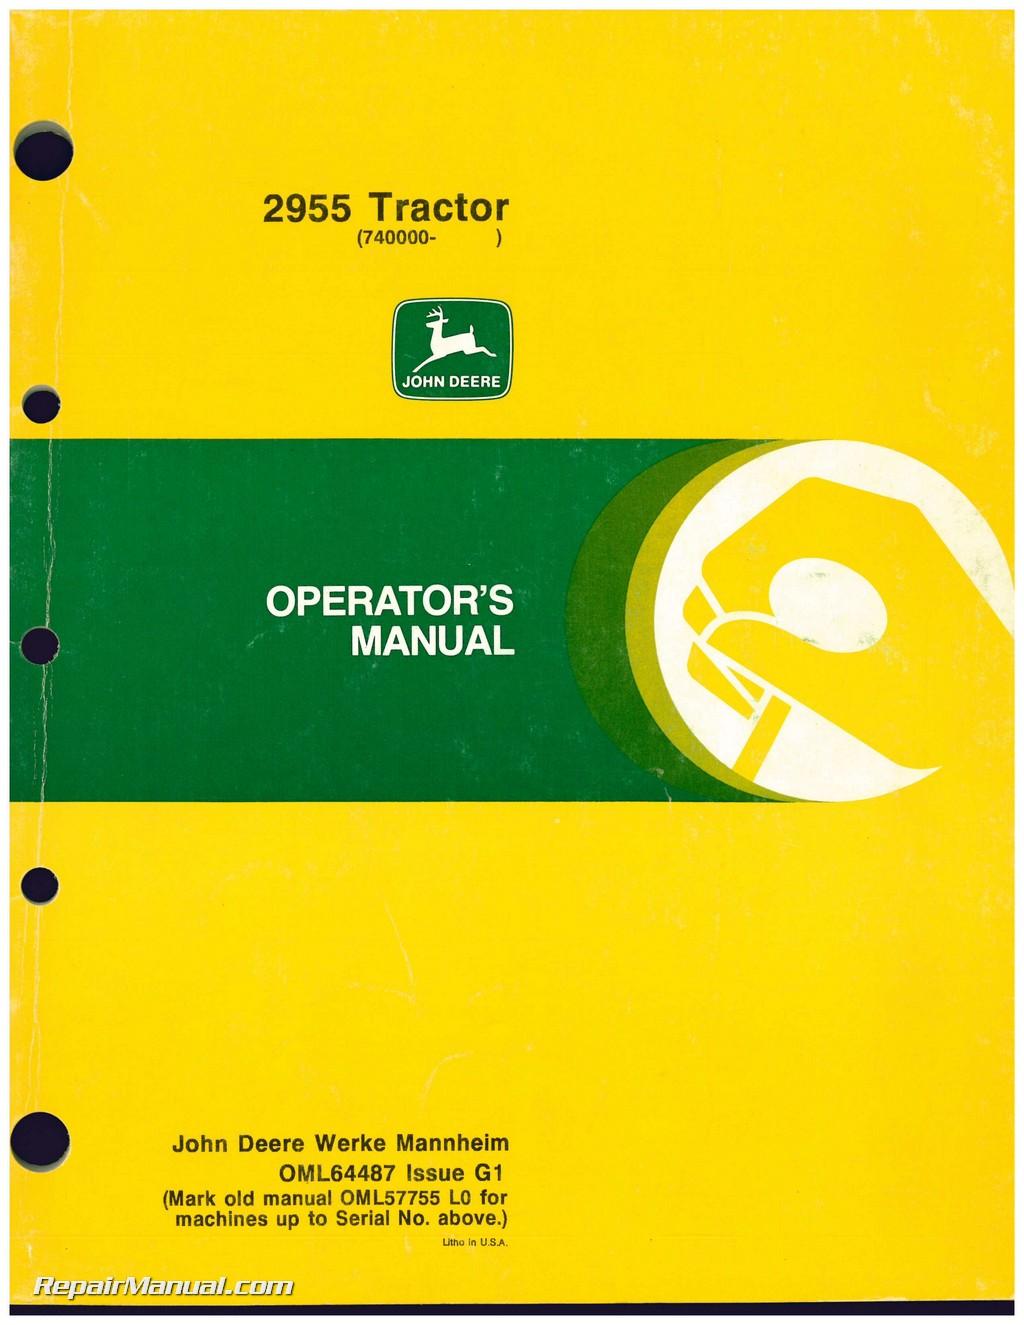 Used John Deere 2955 Tractor Operators Manual